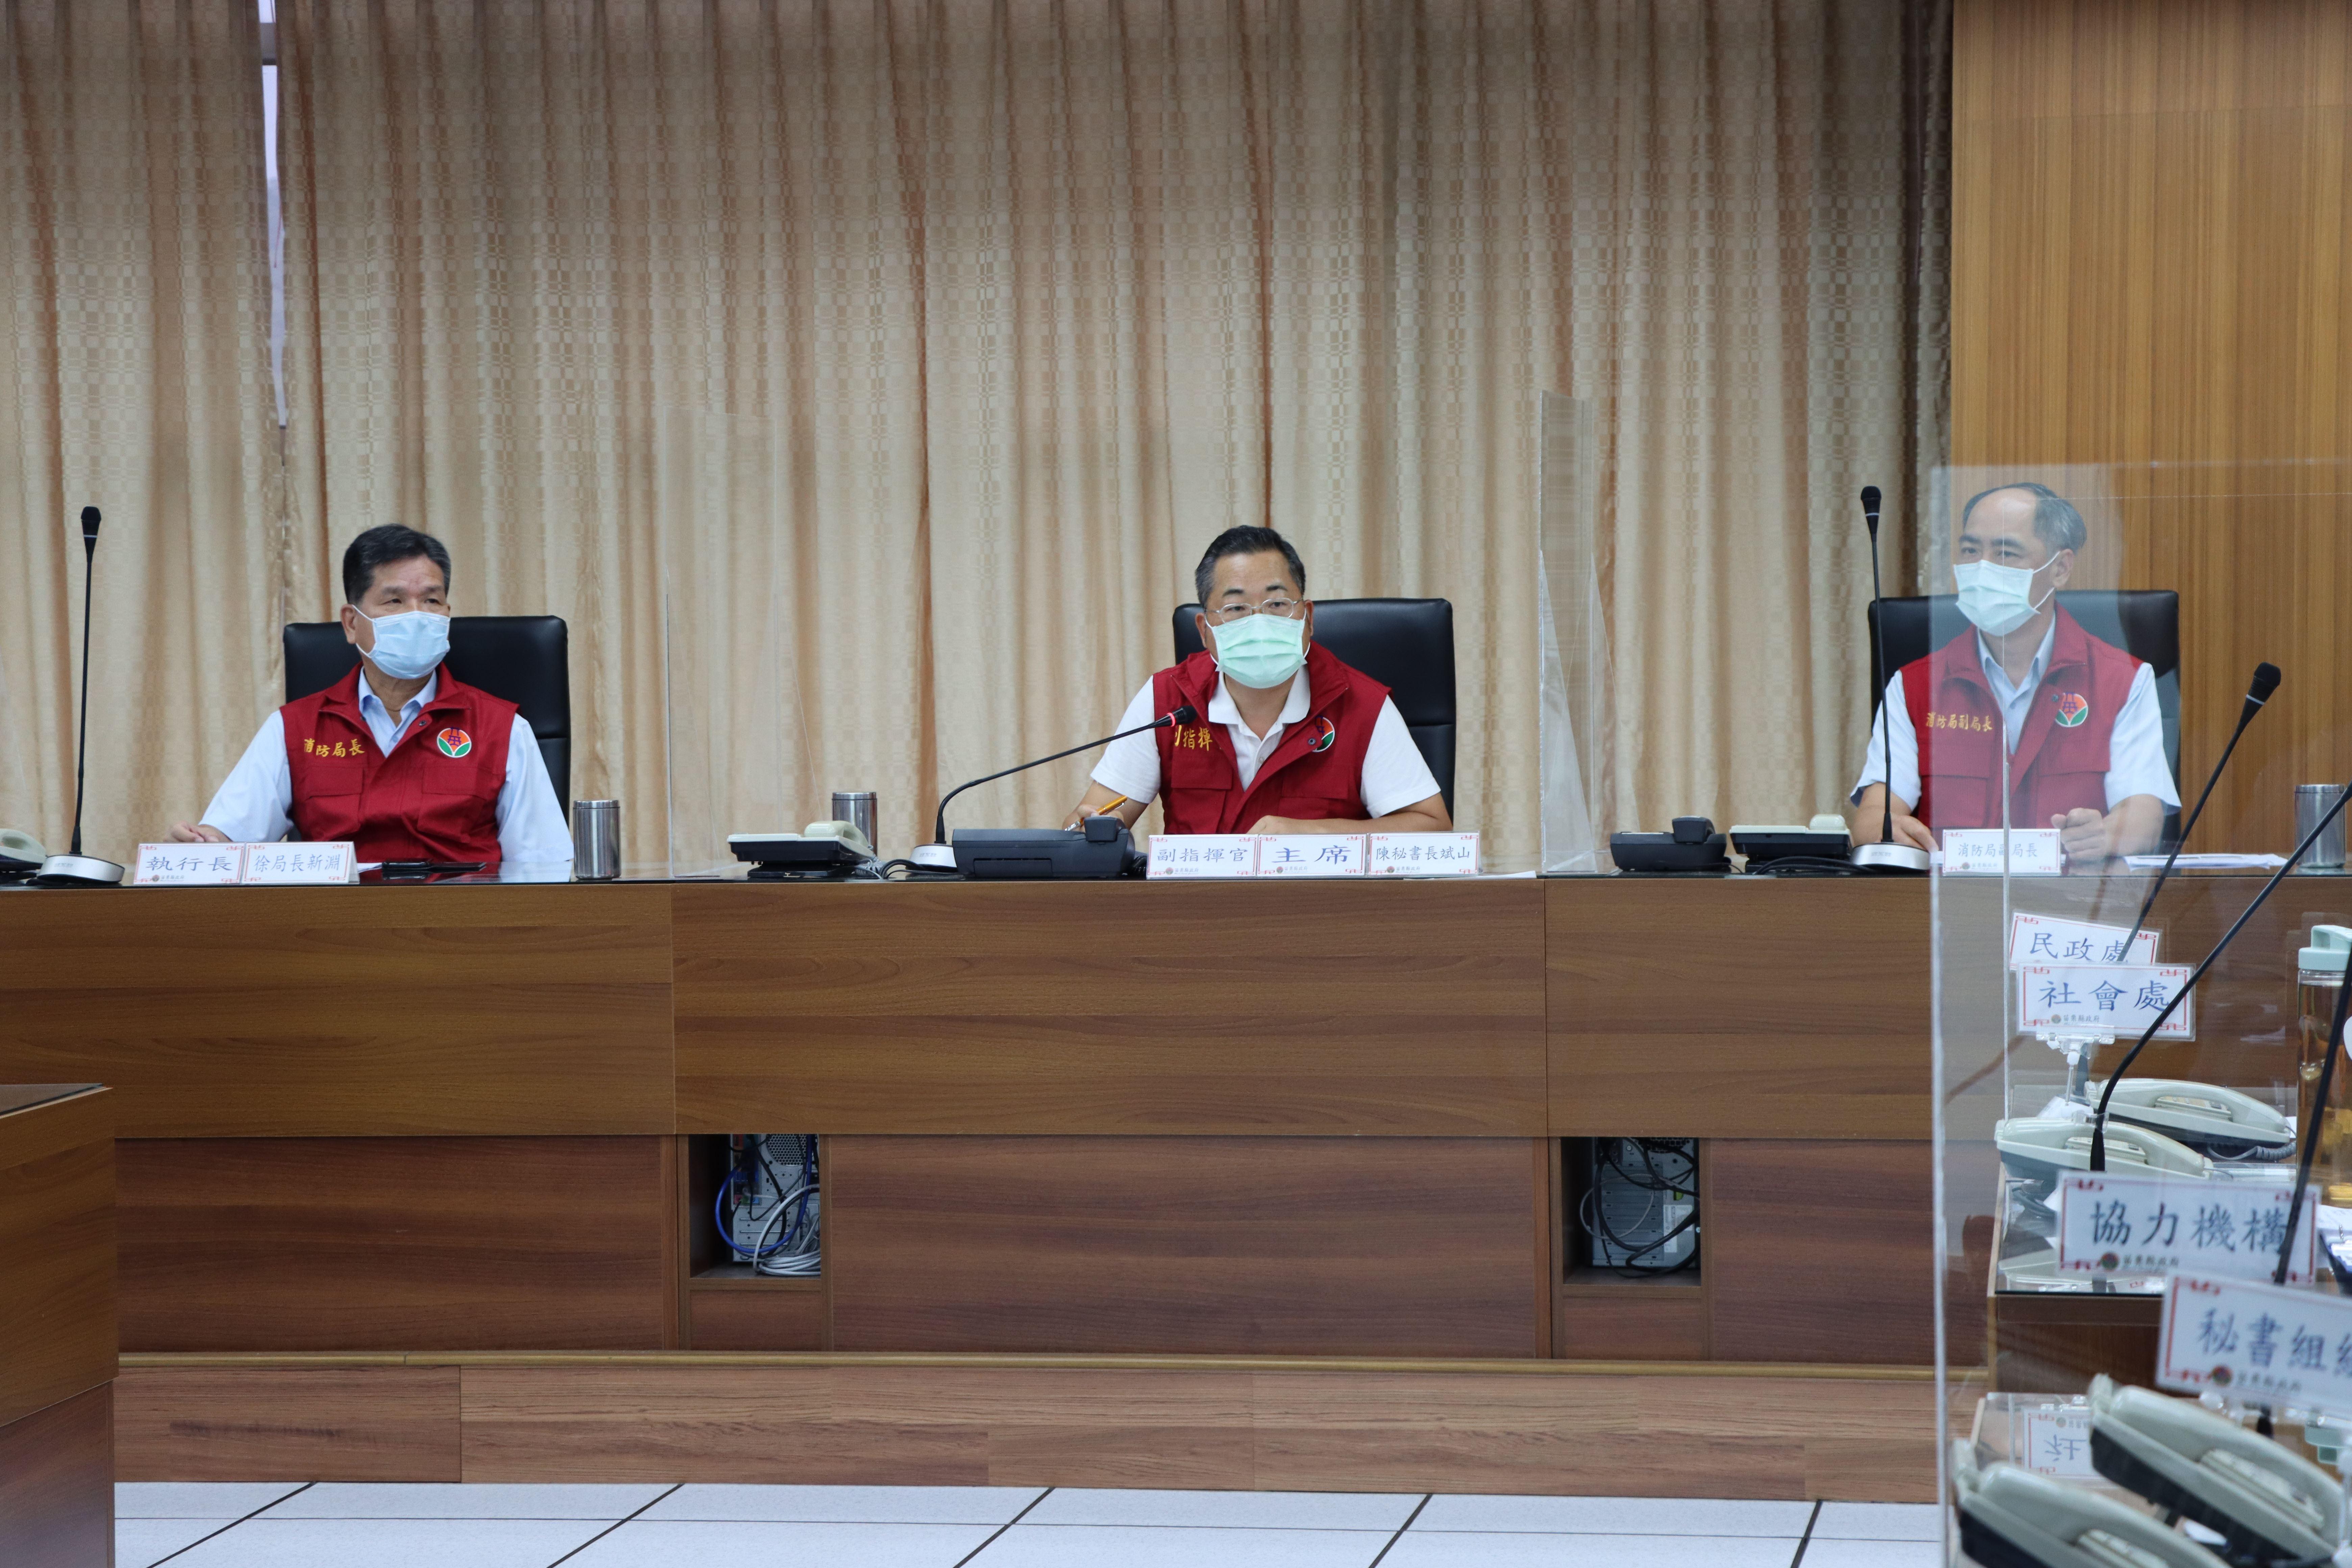 3縣府-秘書長主持防颱整備會議IMG_9544.JPG